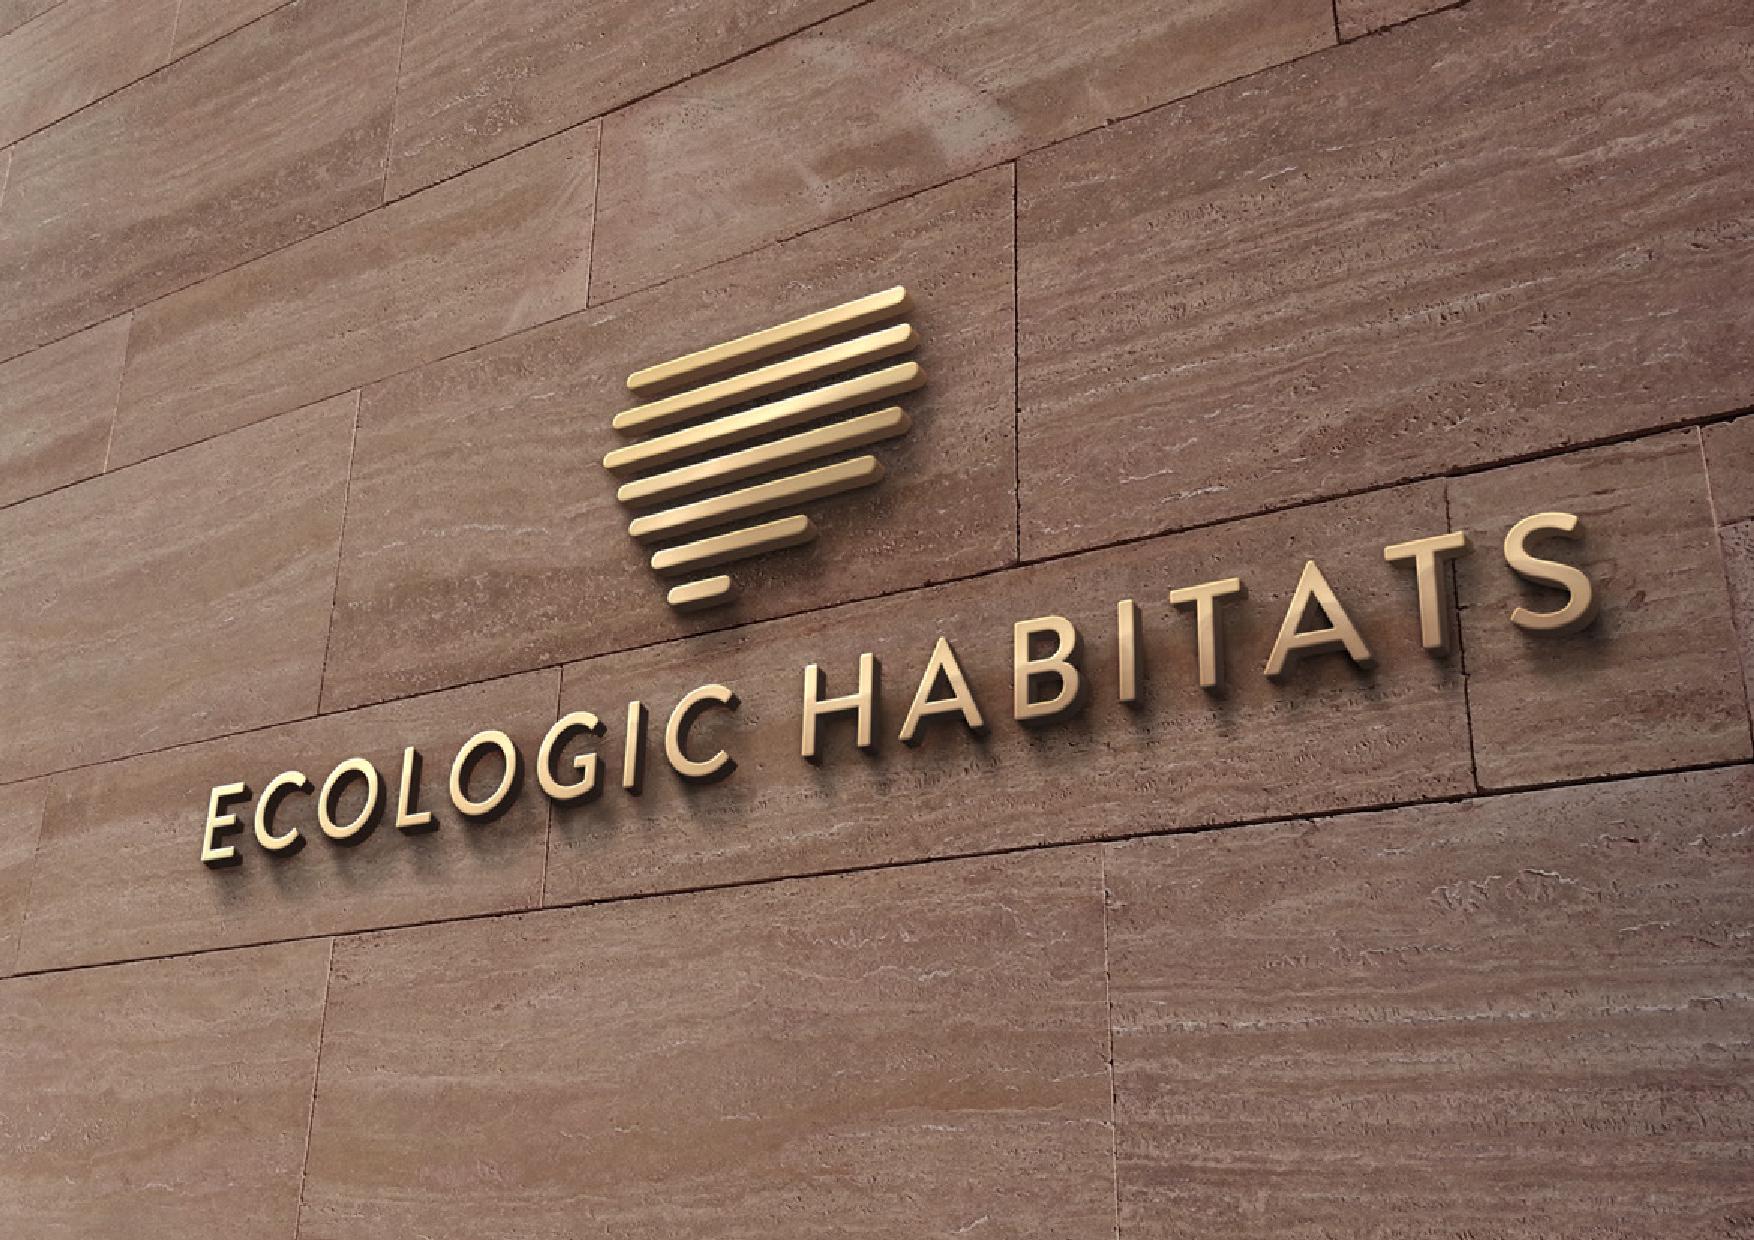 ecologic-habitats-logo-01